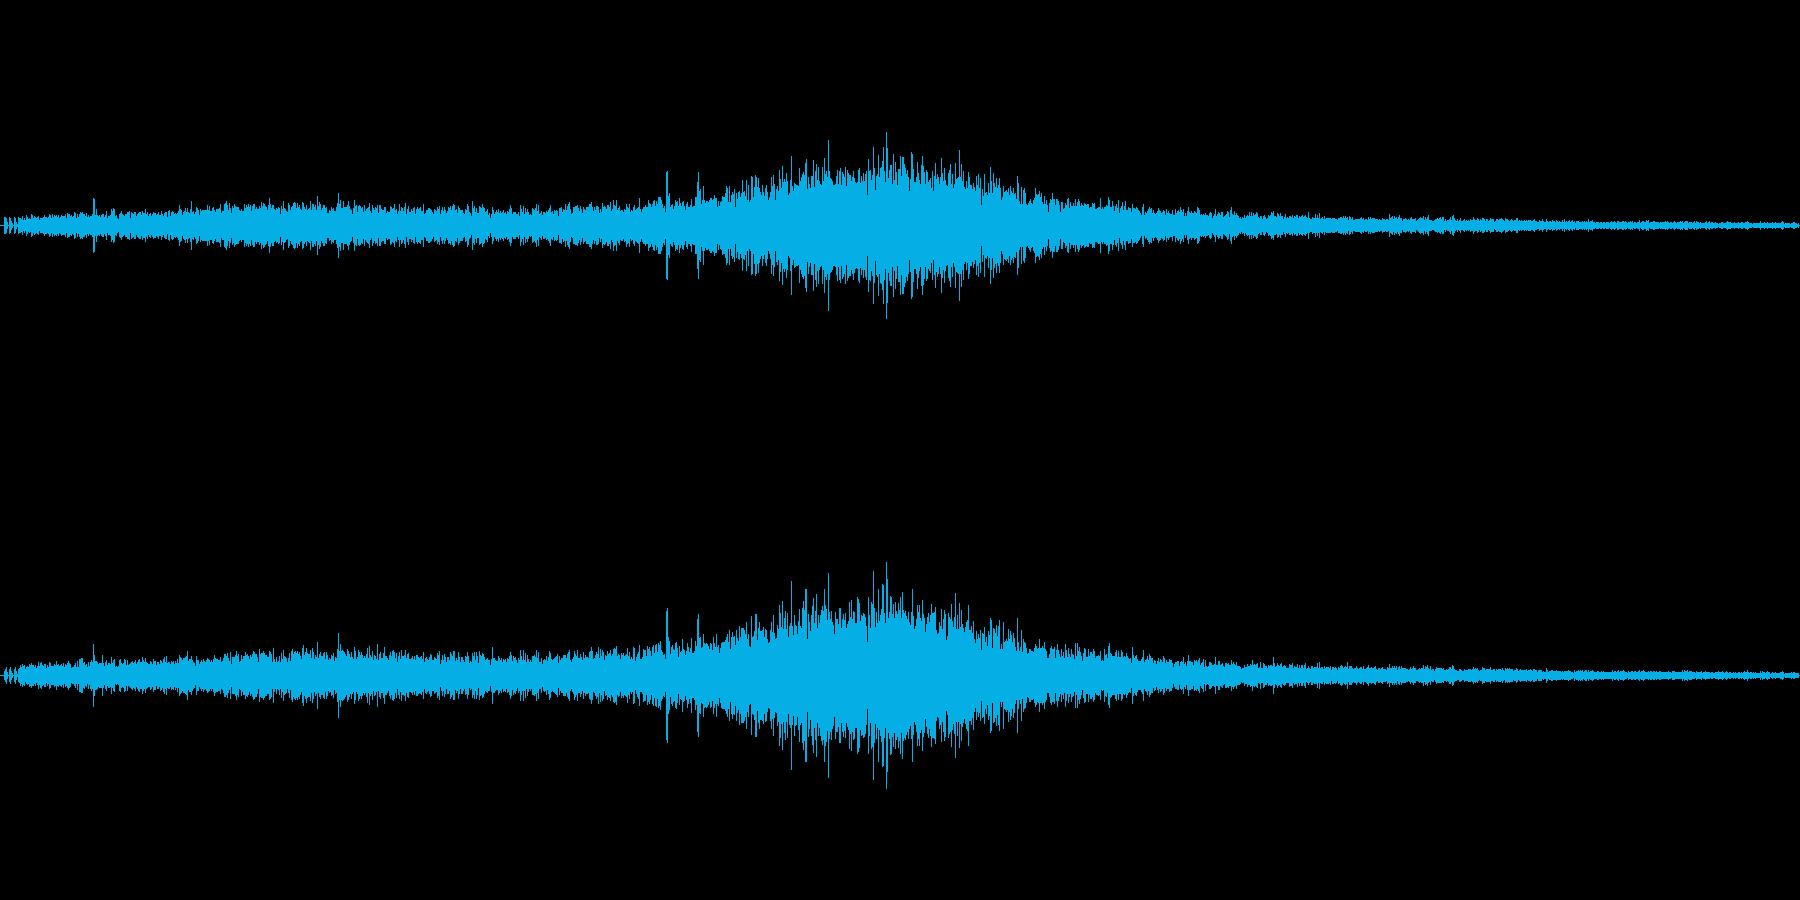 【生音】通行音 - 1 「ぶおーん」の再生済みの波形